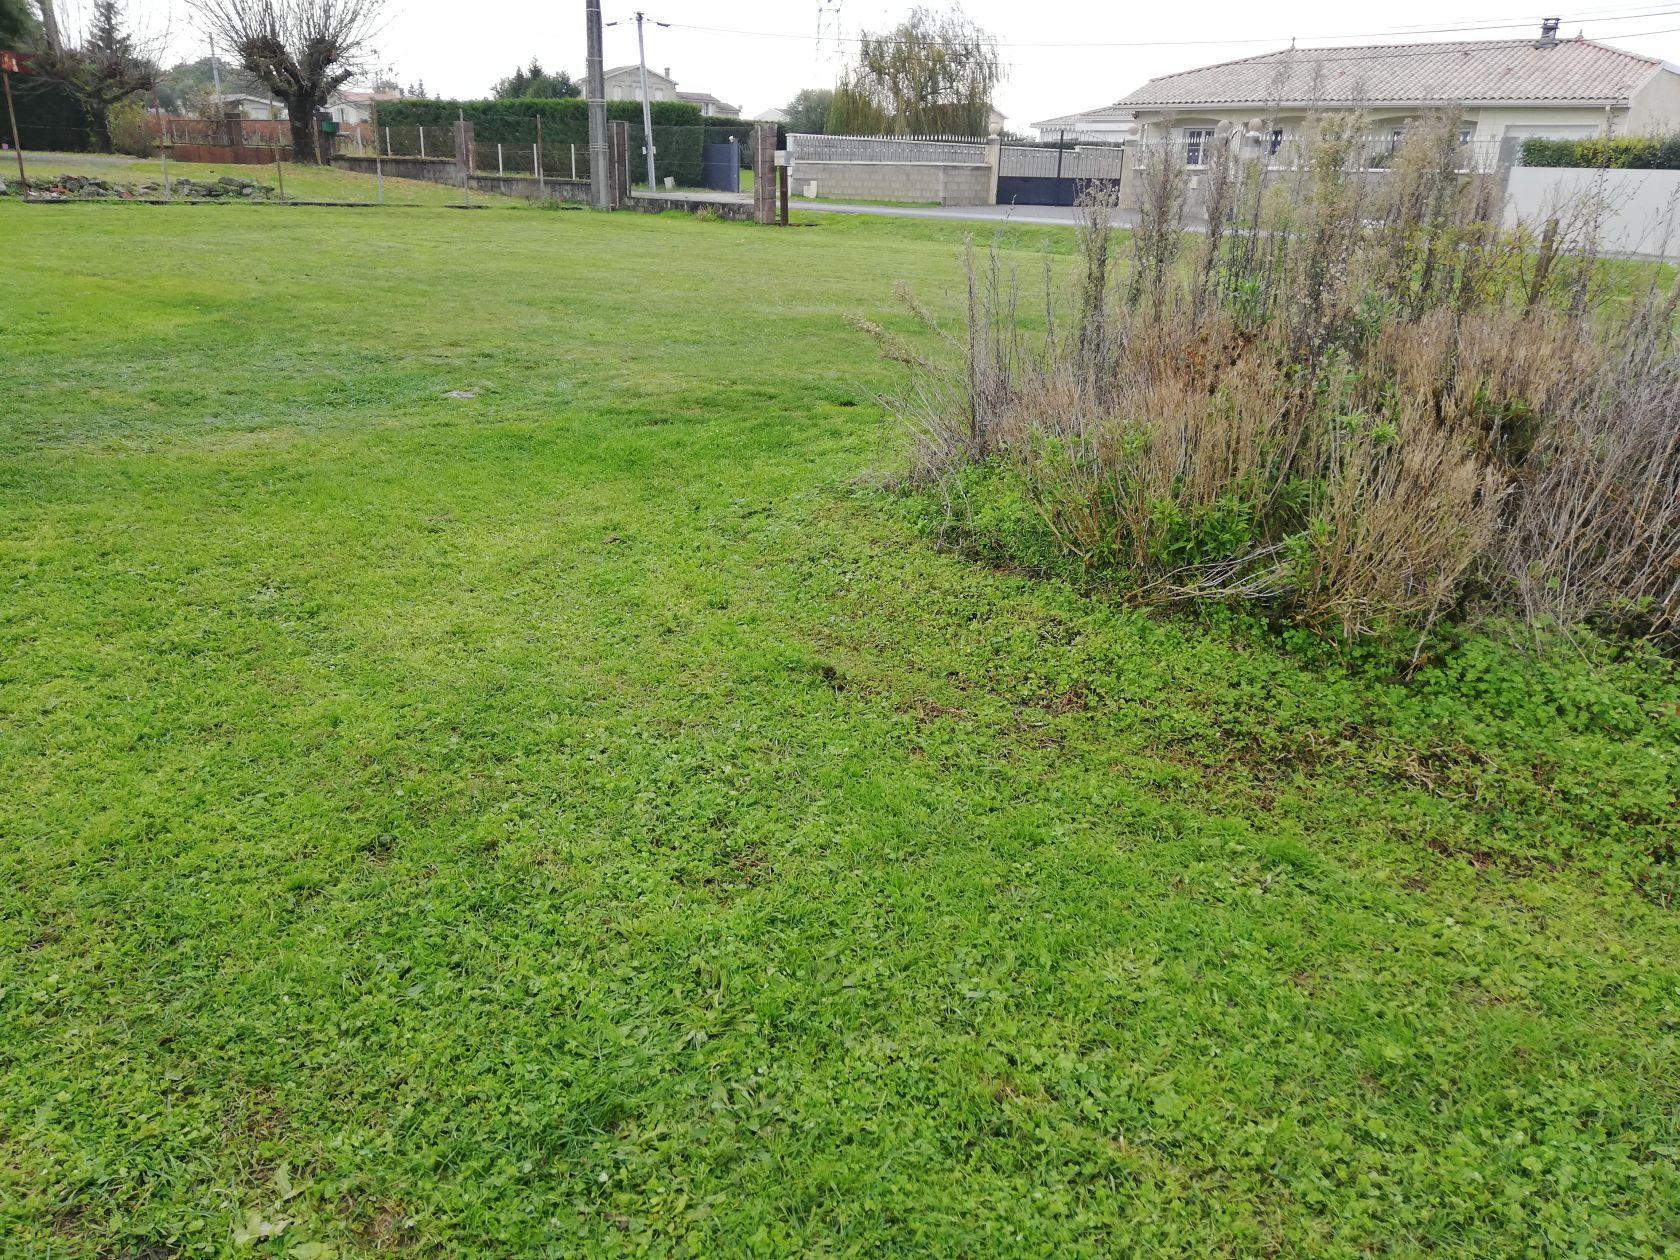 Terrains du constructeur MAISONS IDEOZ 33 • 1298 m² • LANSAC